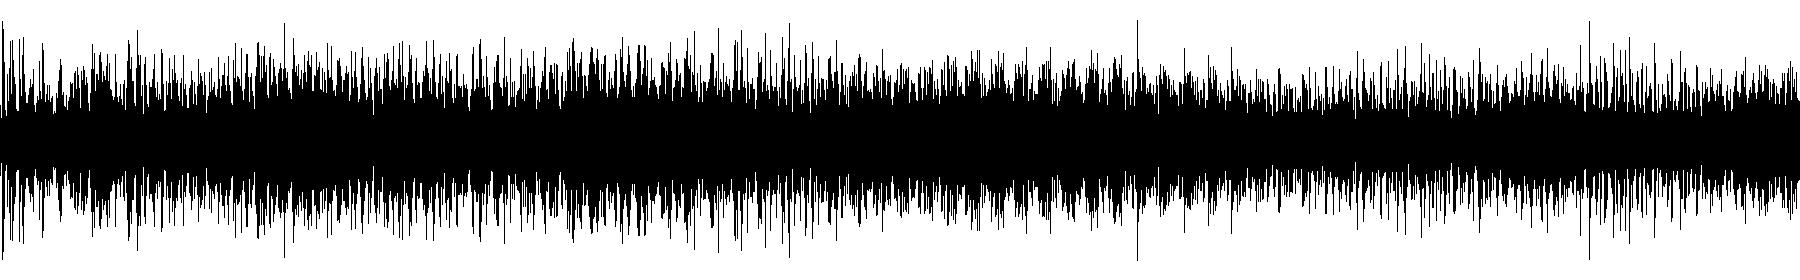 bass growler 1 150 6asshvvy